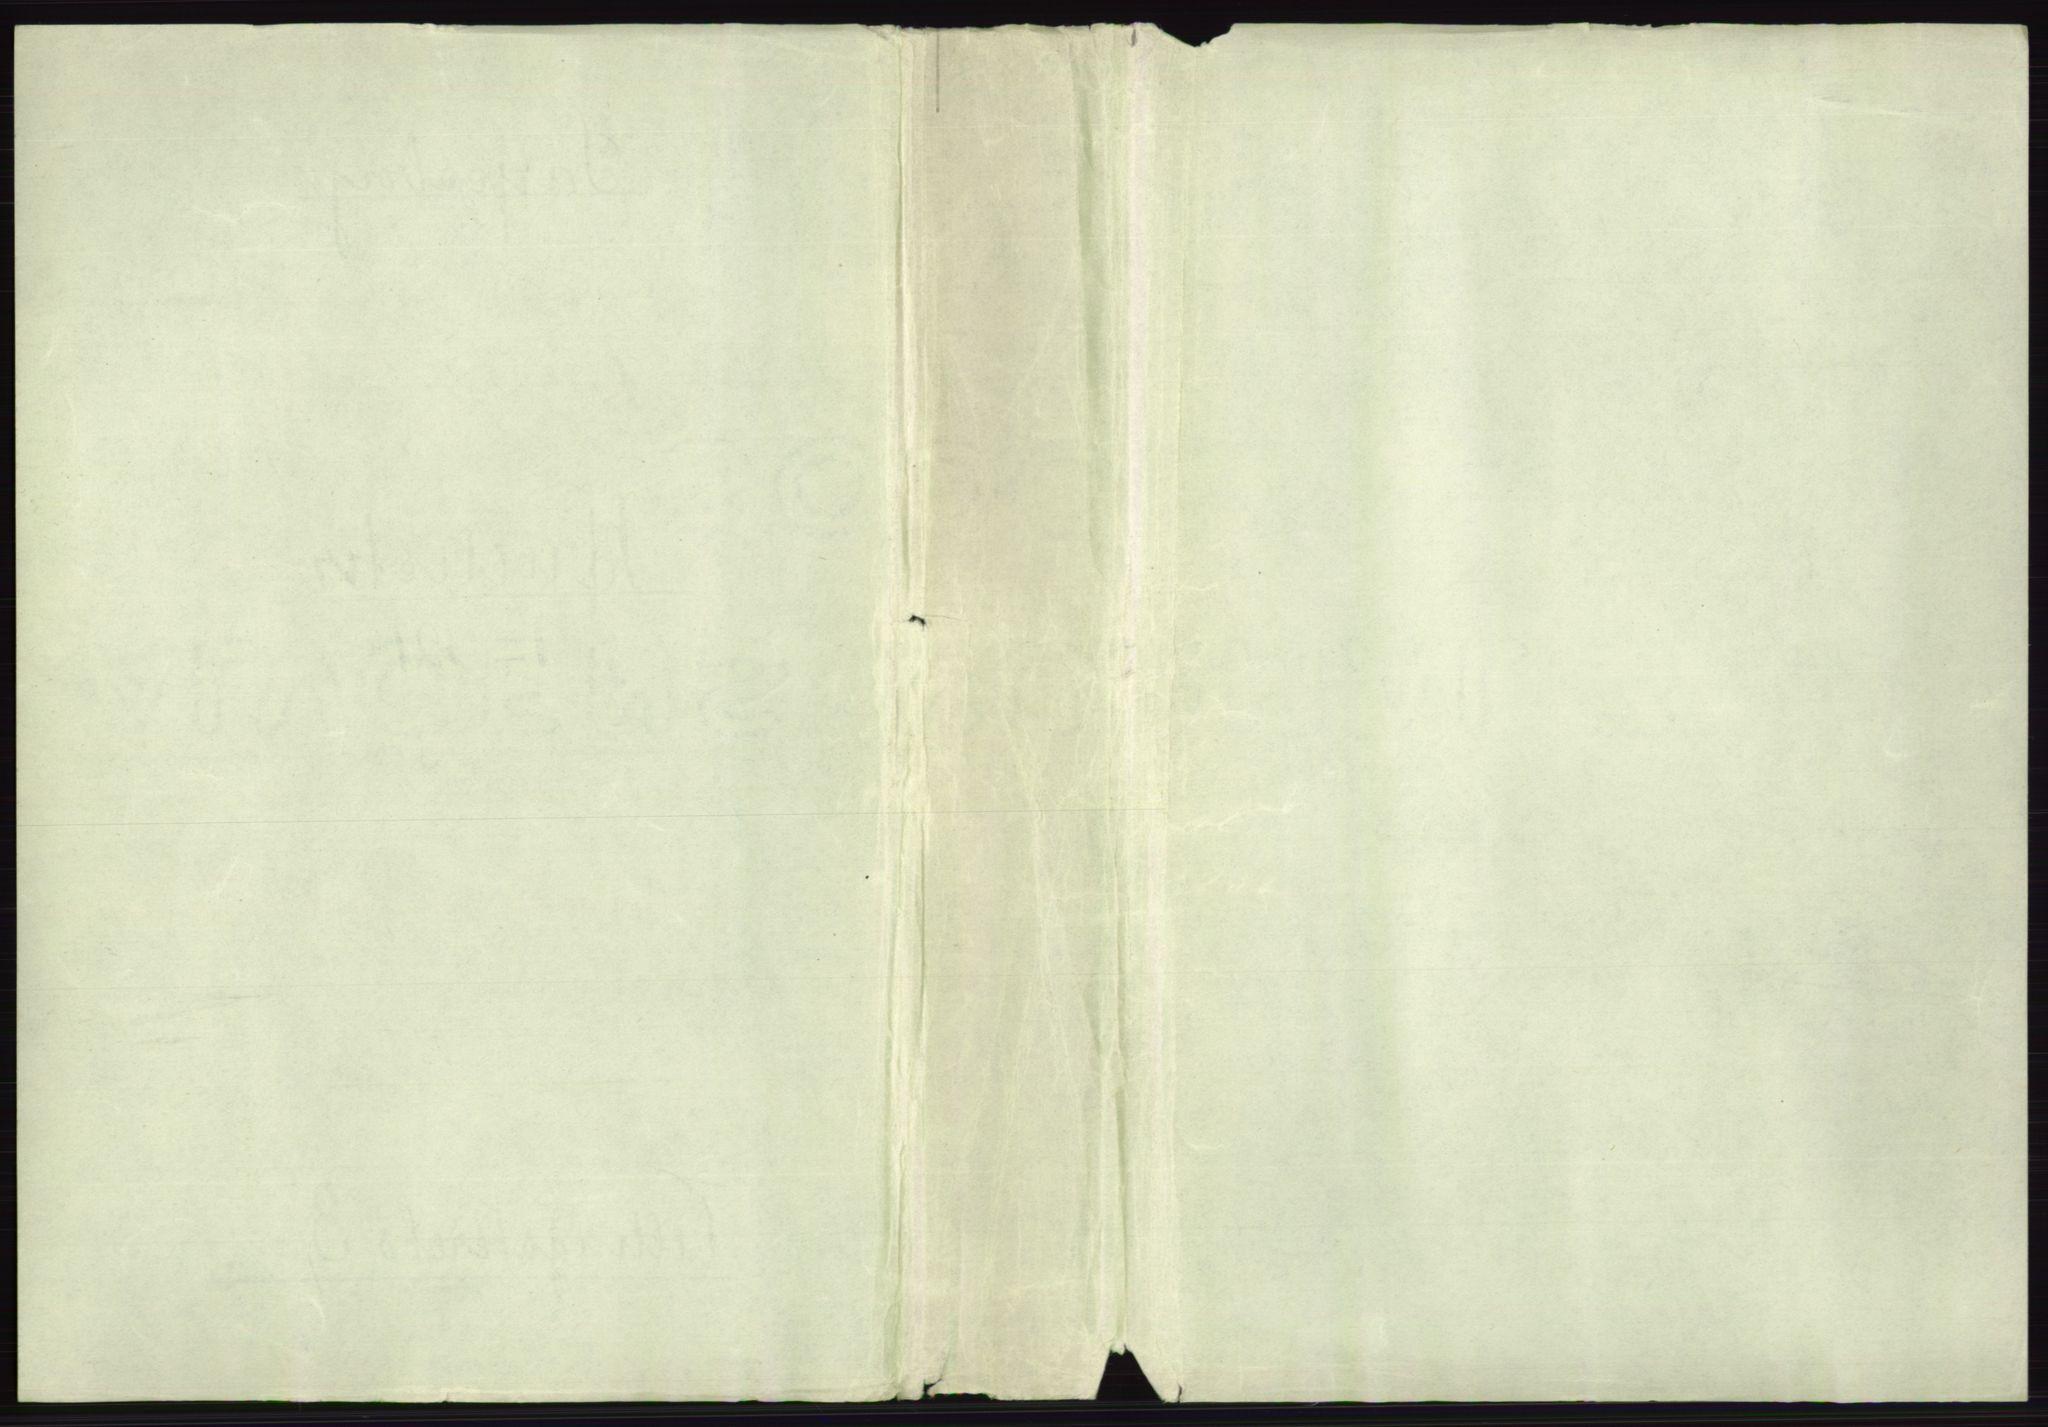 RA, Folketelling 1891 for 0102 Sarpsborg kjøpstad, 1891, s. 2189